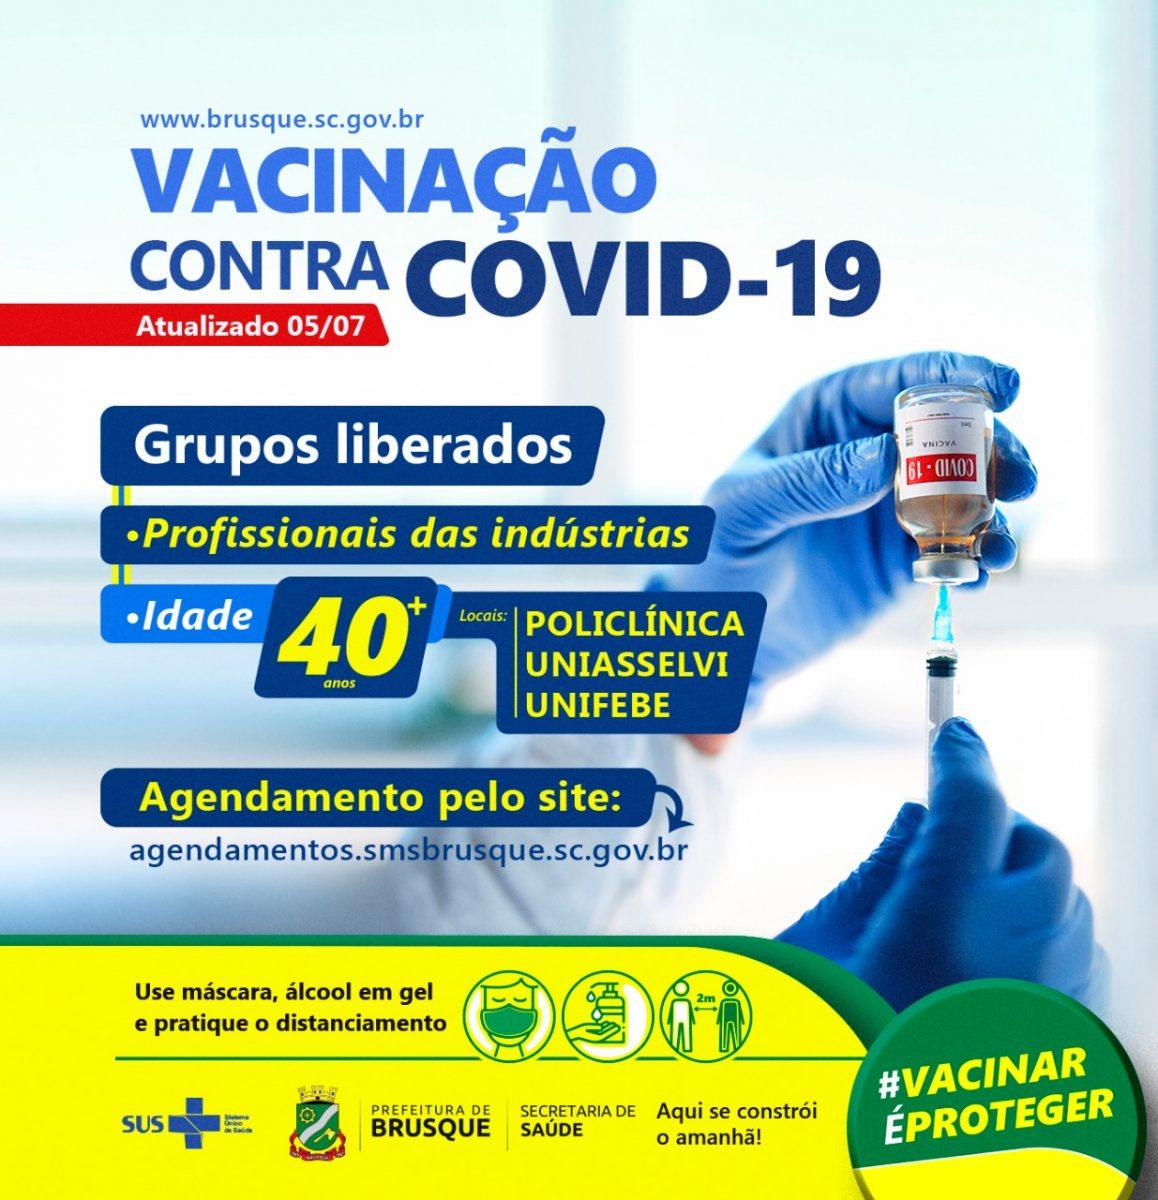 Covid-19: Brusque ganha quatro novas salas de vacina na Policlínica a partir desta terça-feira